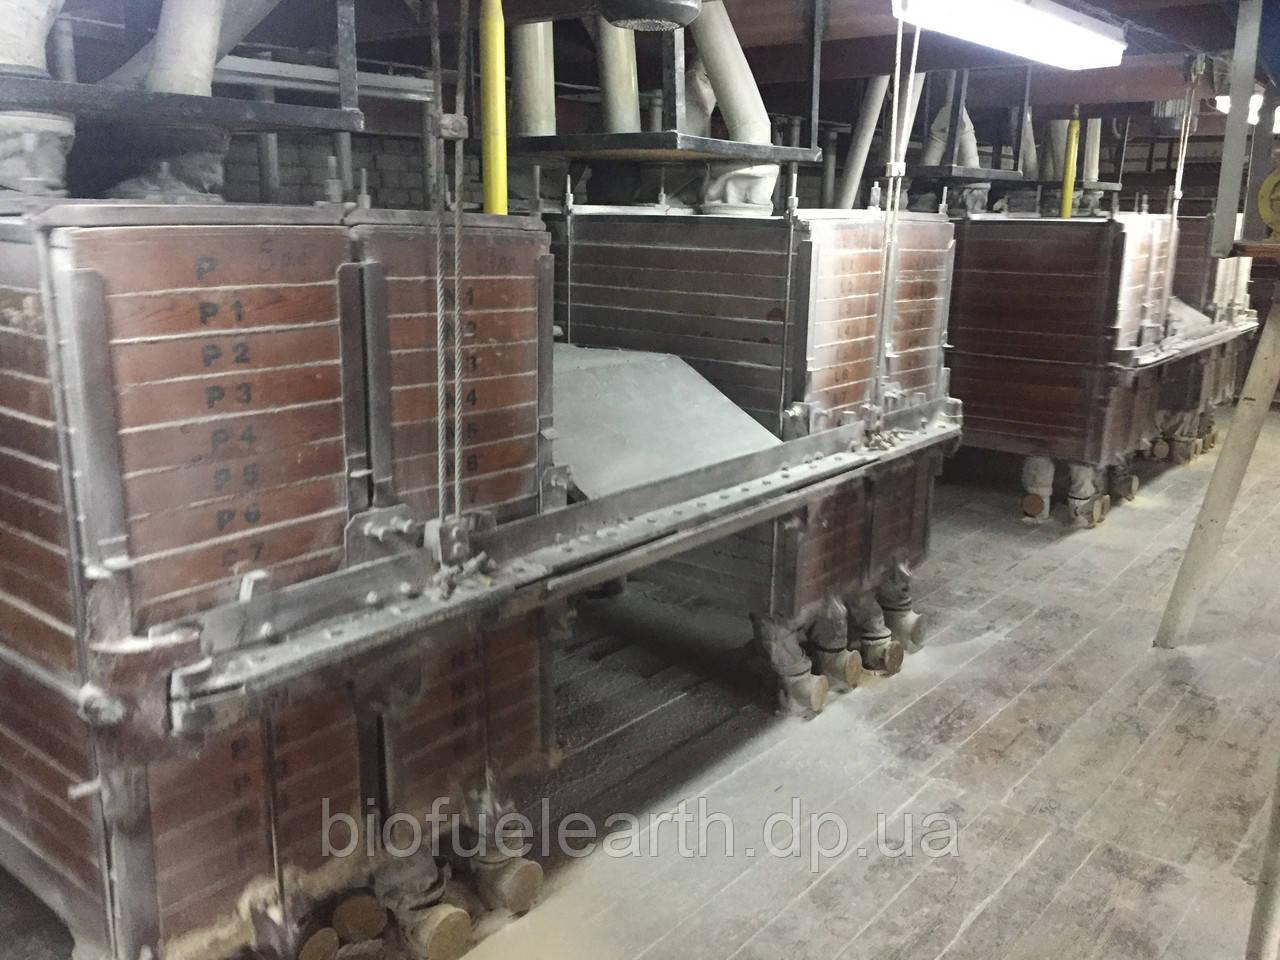 Мельничный комплекс по производству муки пшеничной производительность по переработке